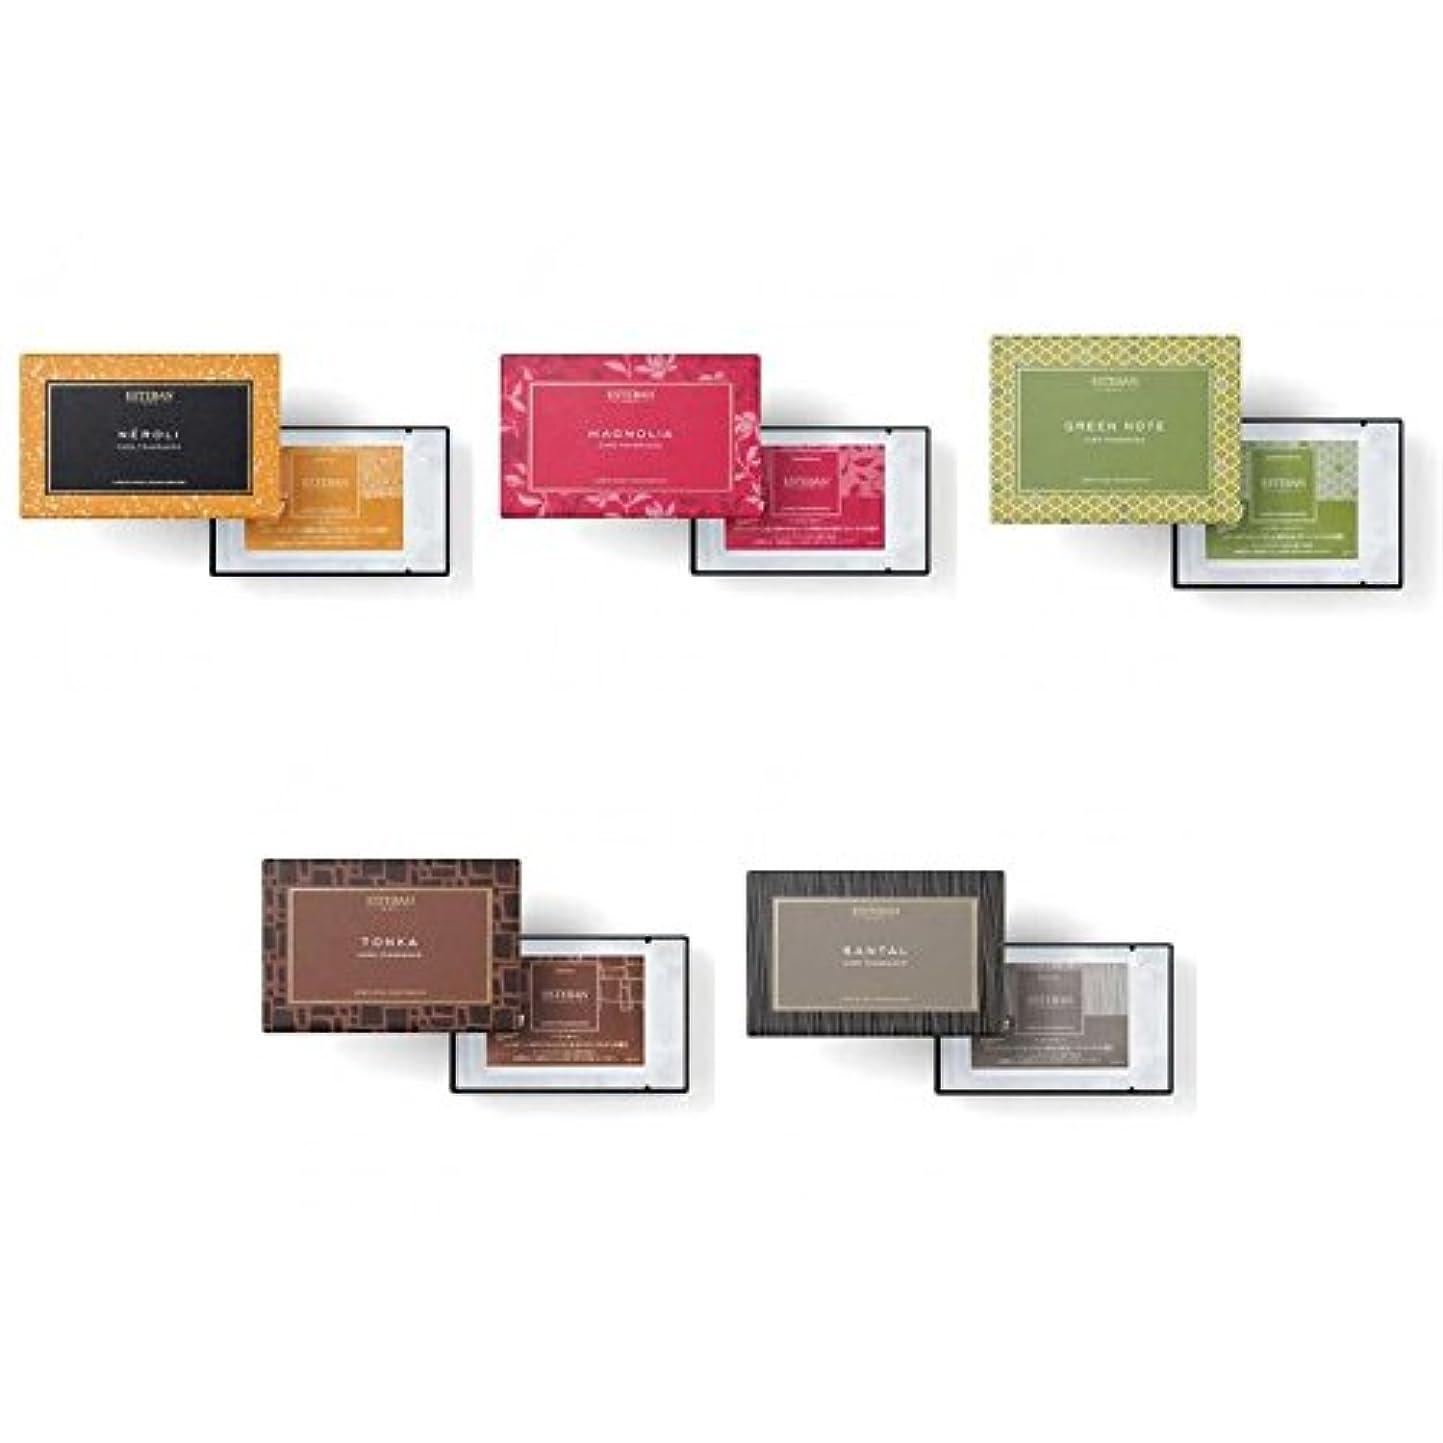 ゲート例示するほかにエステバン カードフレグランス 5種セット